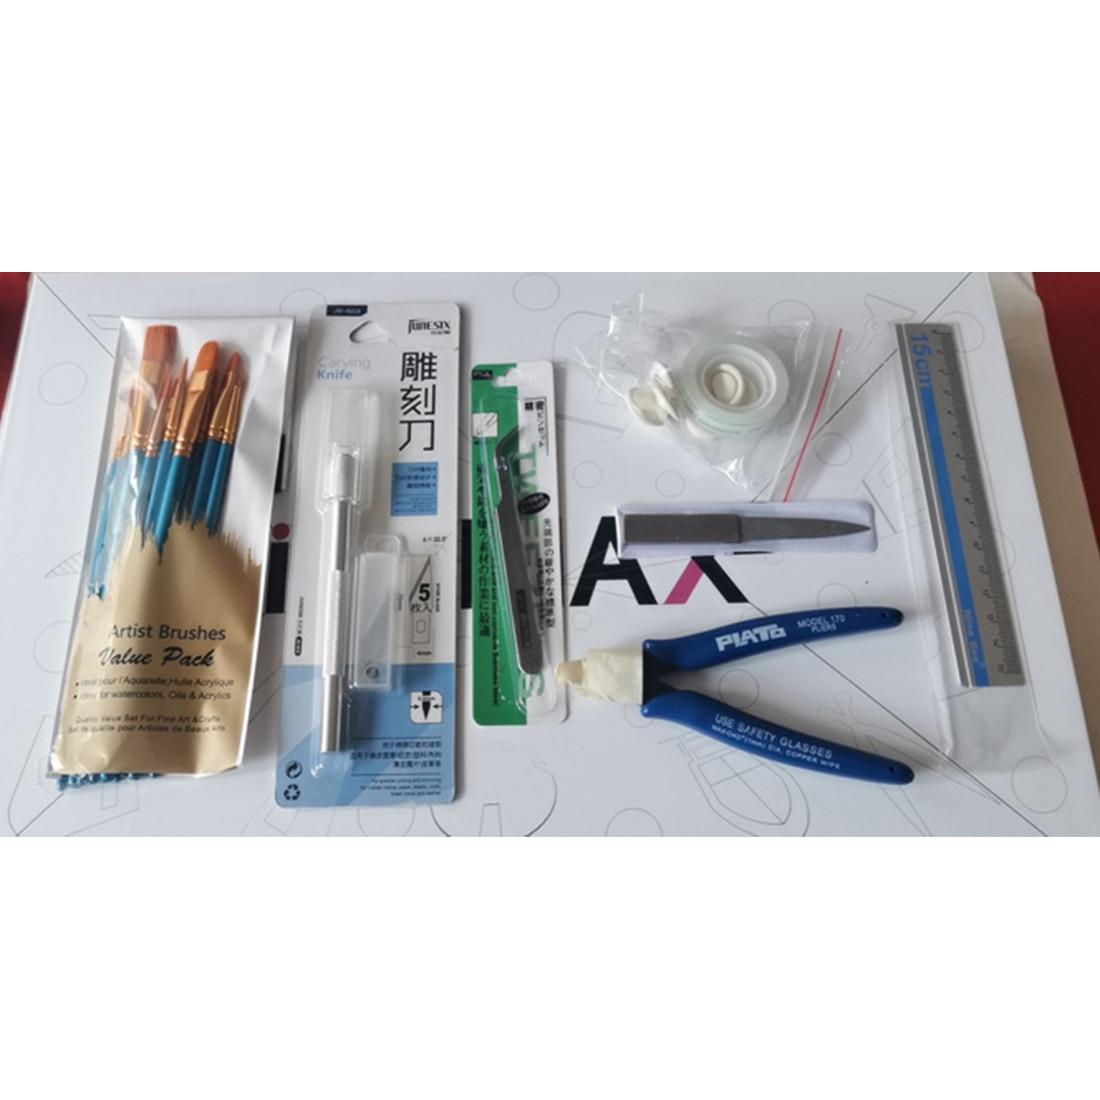 H5a4c181d89604ab1a38ec0629b66d67du - Robotime - DIY Models, DIY Miniature Houses, 3d Wooden Puzzle